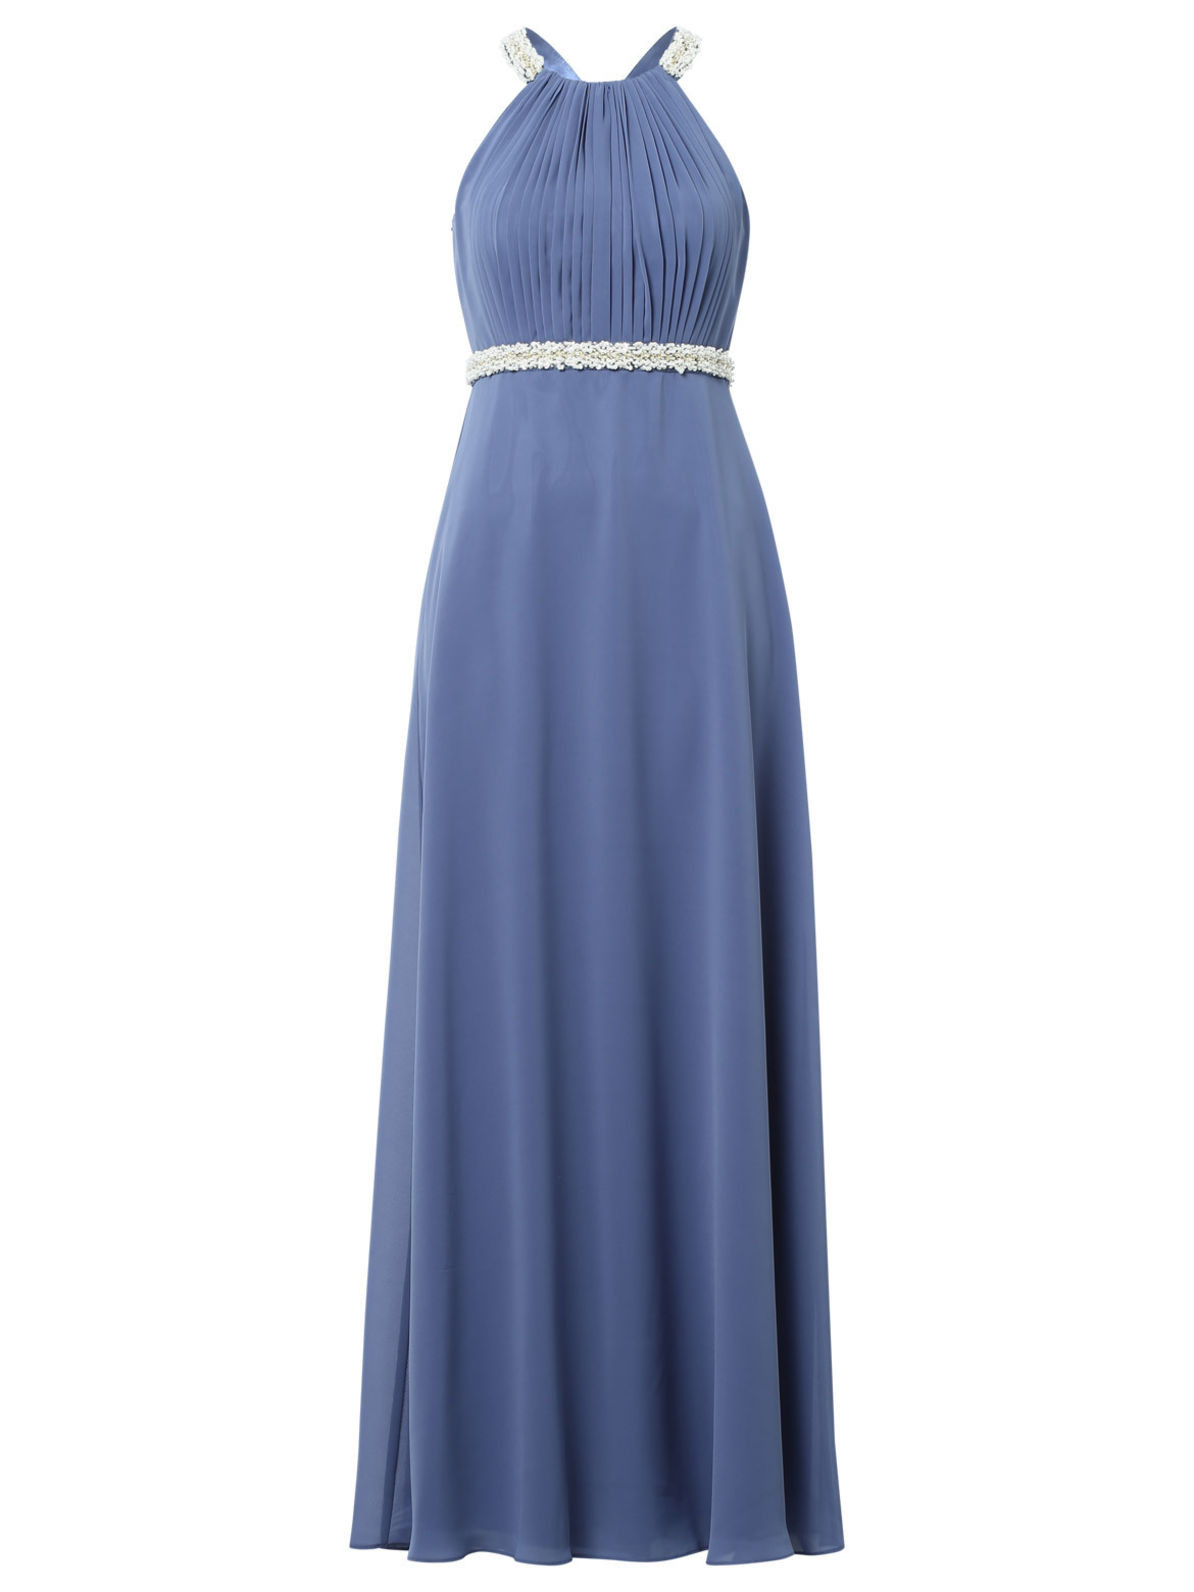 15 Spektakulär Online Kaufen Abend Kleid Bester Preis17 Elegant Online Kaufen Abend Kleid Stylish